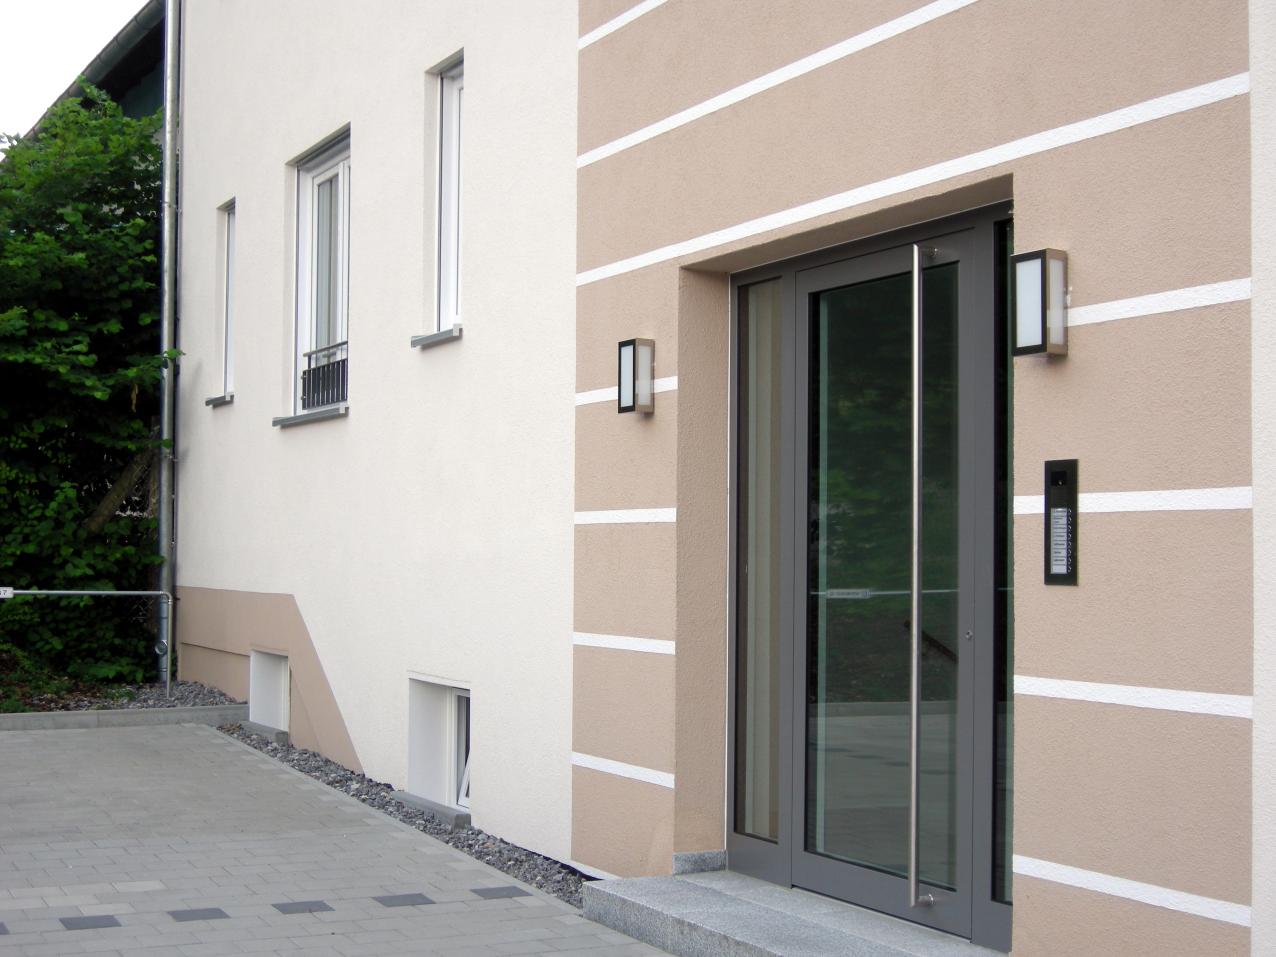 klosterstrasse6_03